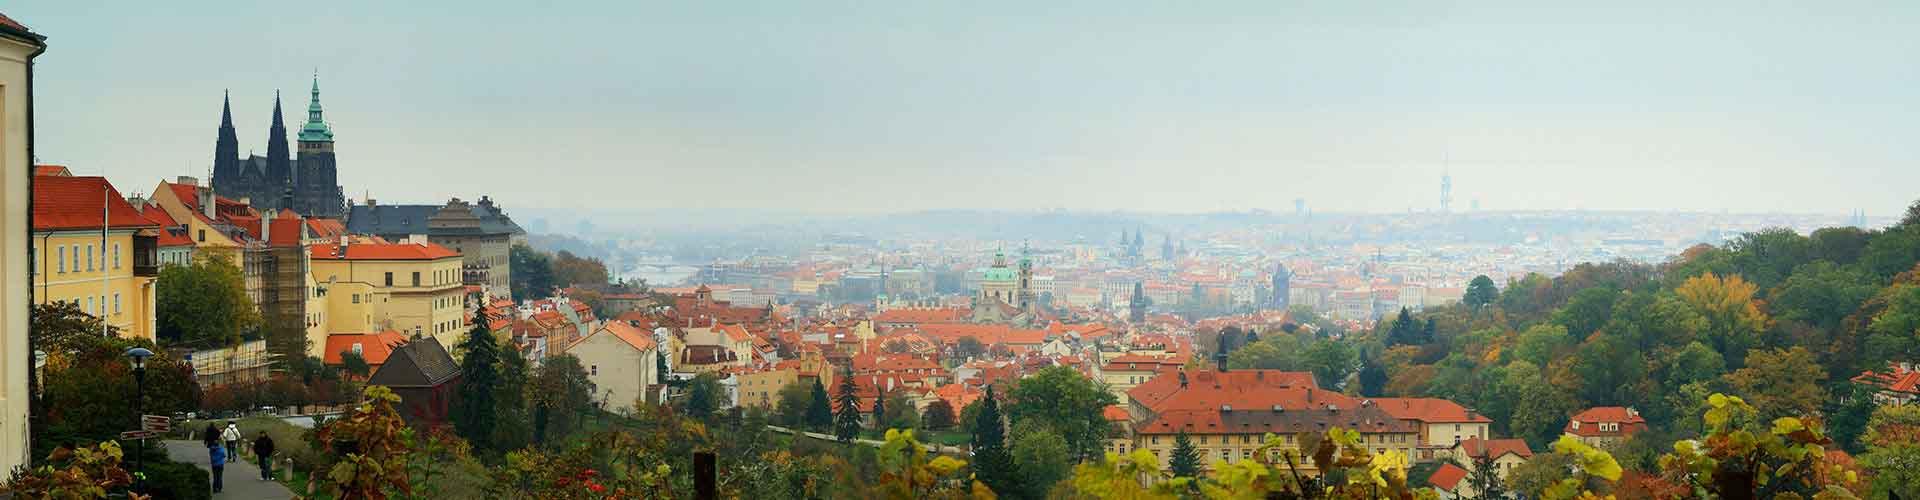 프라하 - Prague 3지역에 위치한 호텔. 프라하의 지도, 프라하에 위치한 호텔에 대한 사진 및 리뷰.